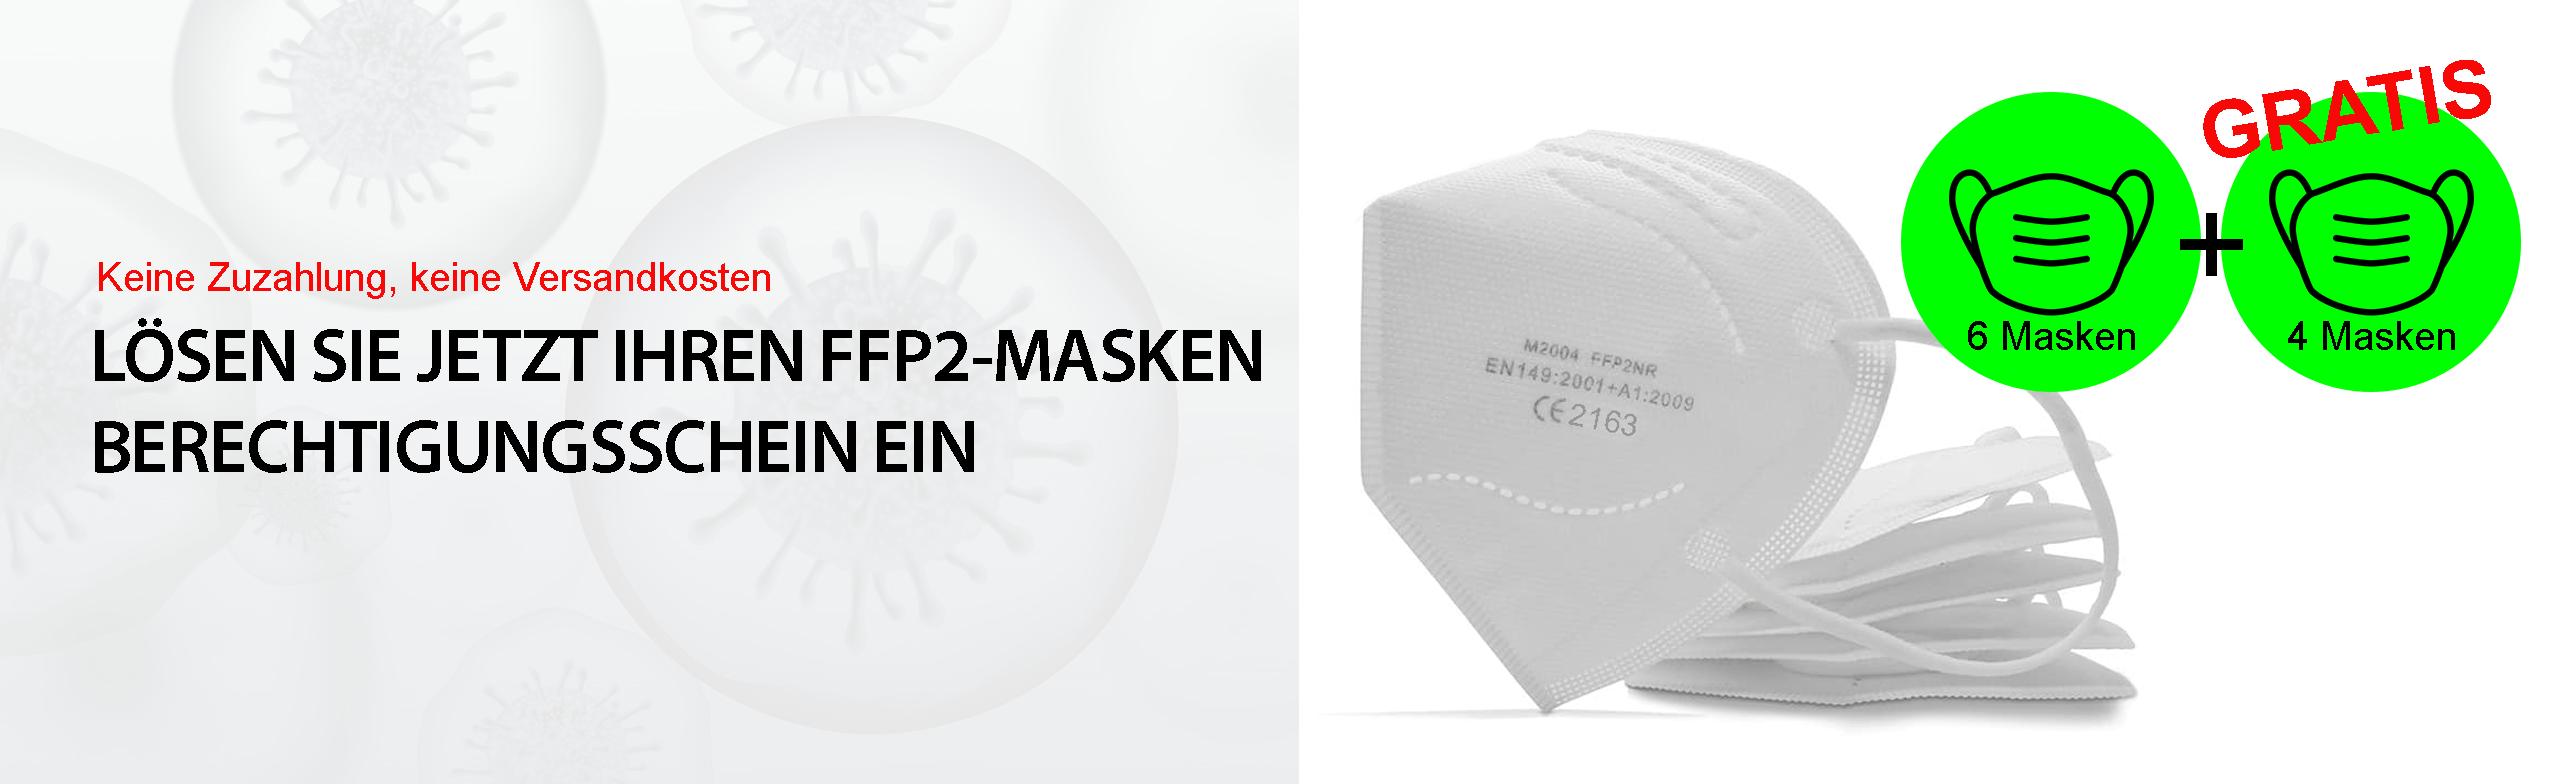 ffp2-Maske Berechtigungsschein einlösen